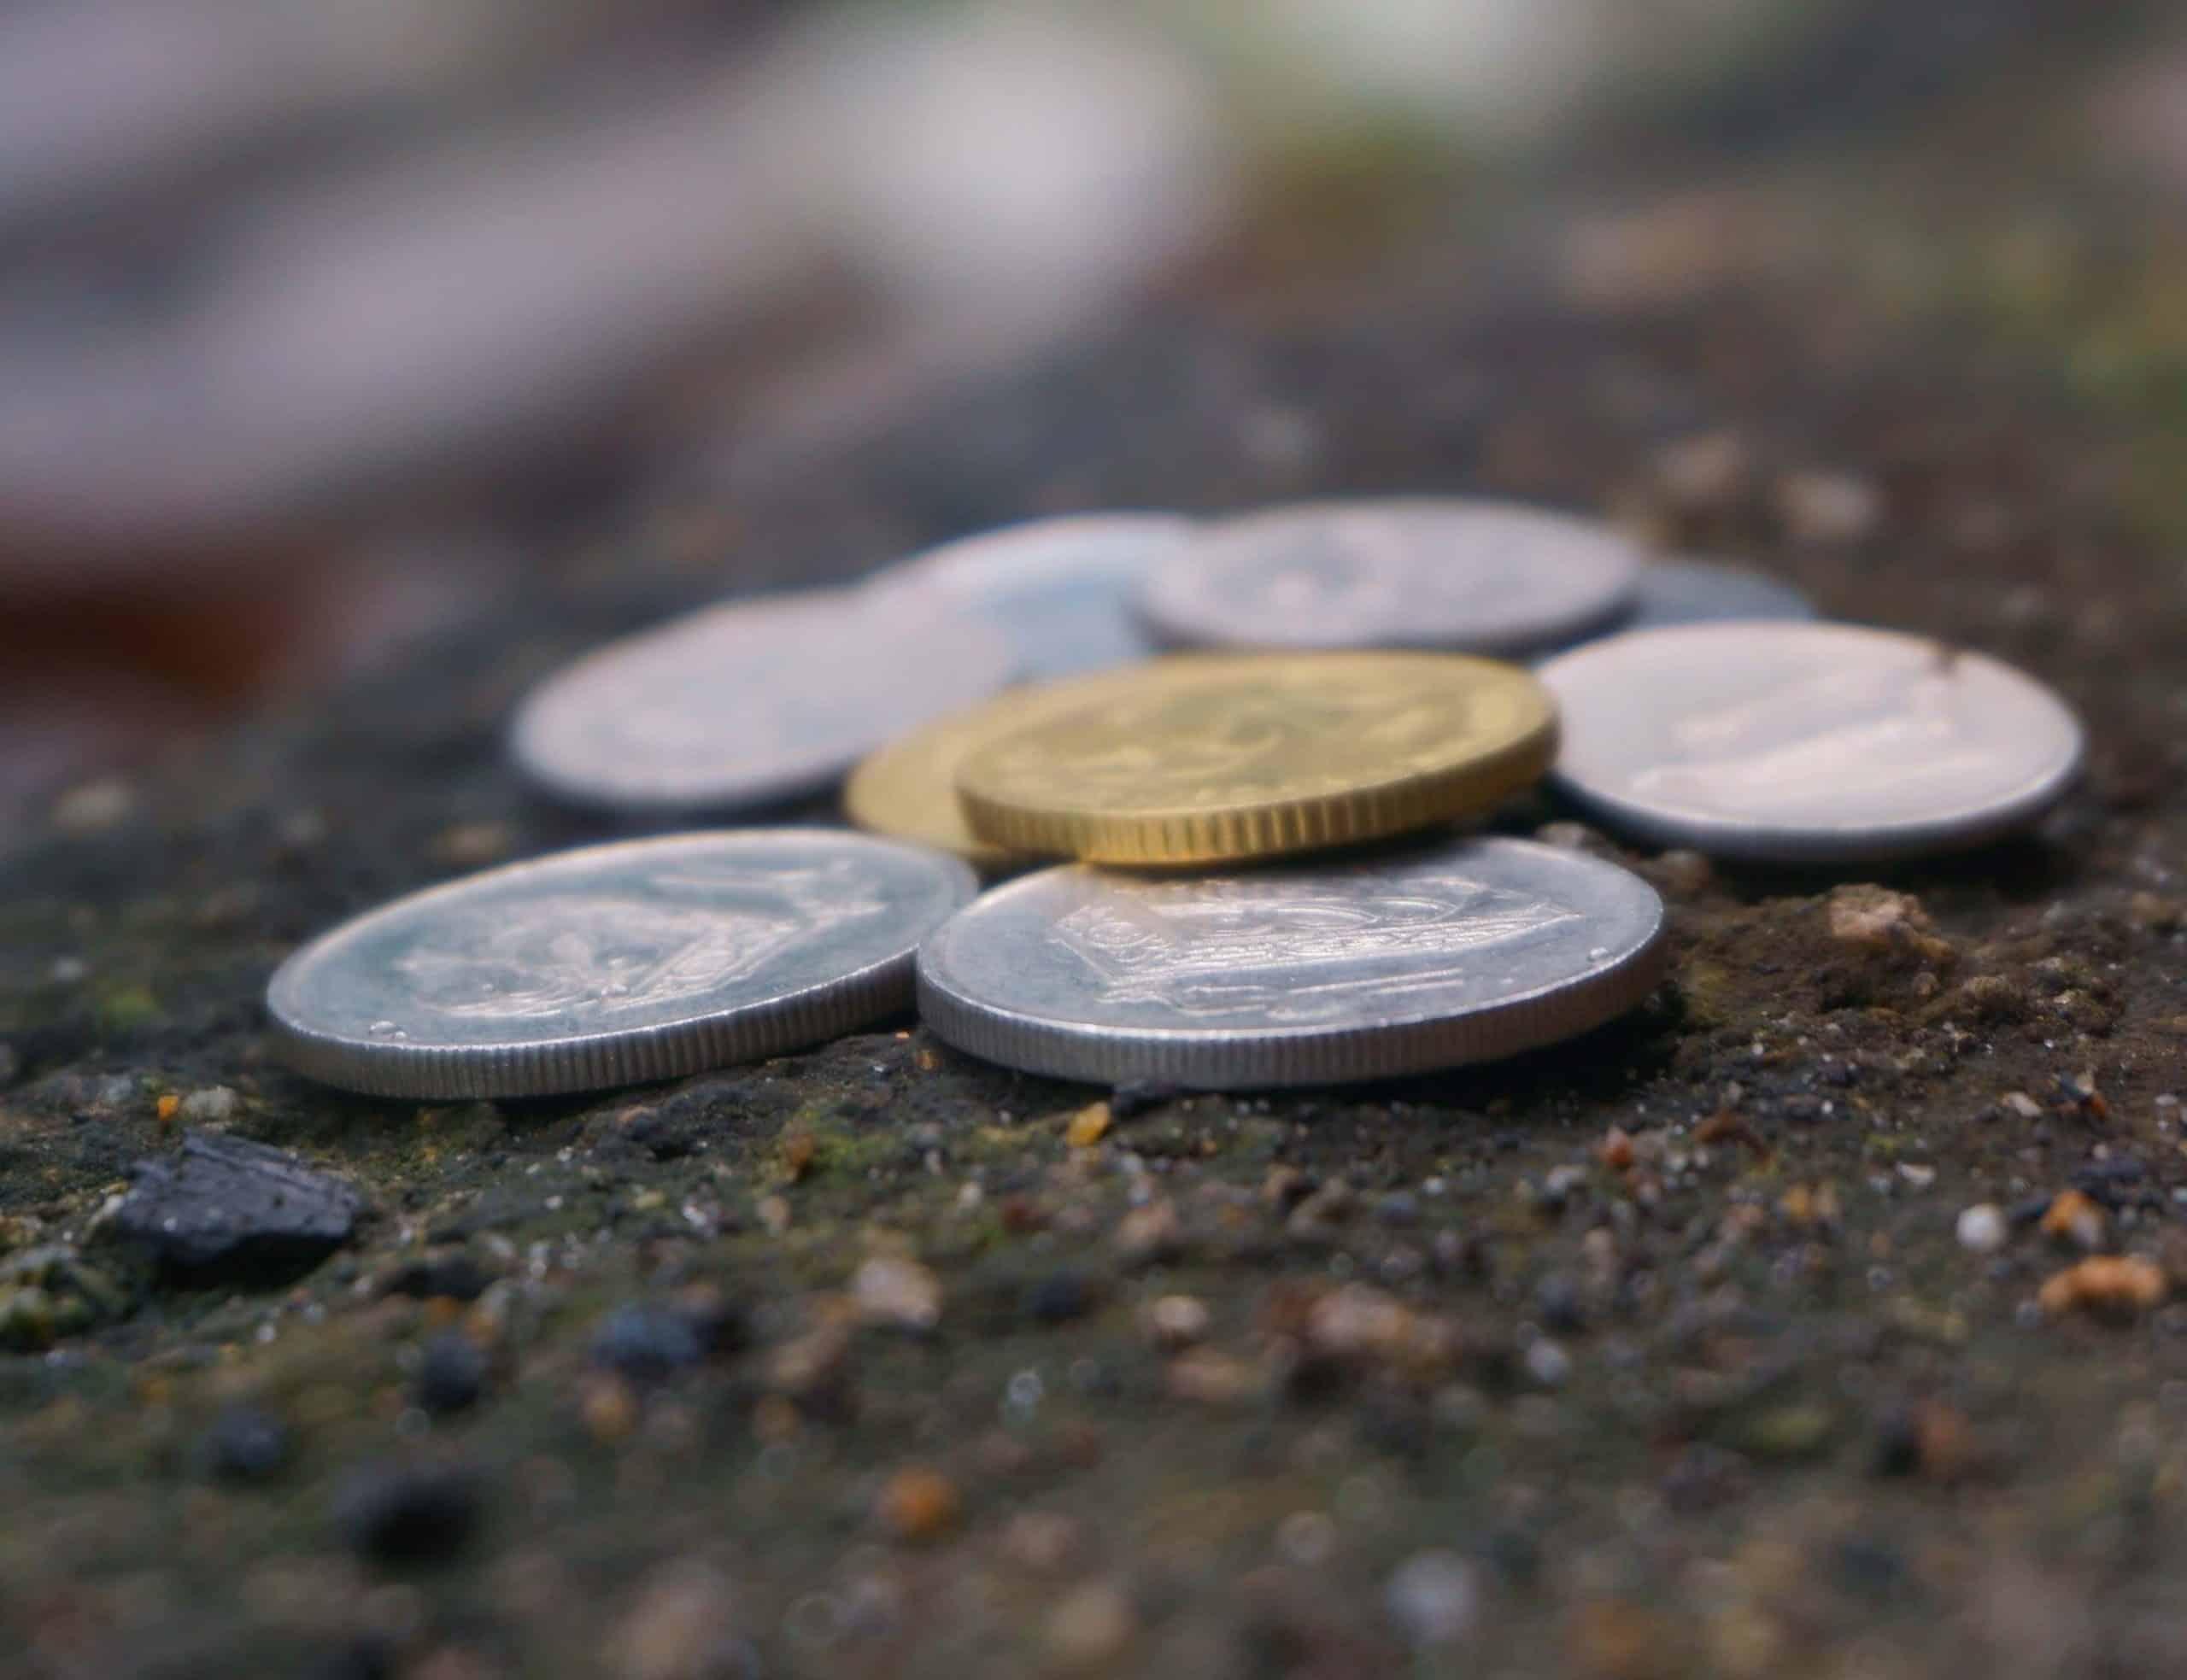 Cara berkesan simpan duit syiling di atas meja